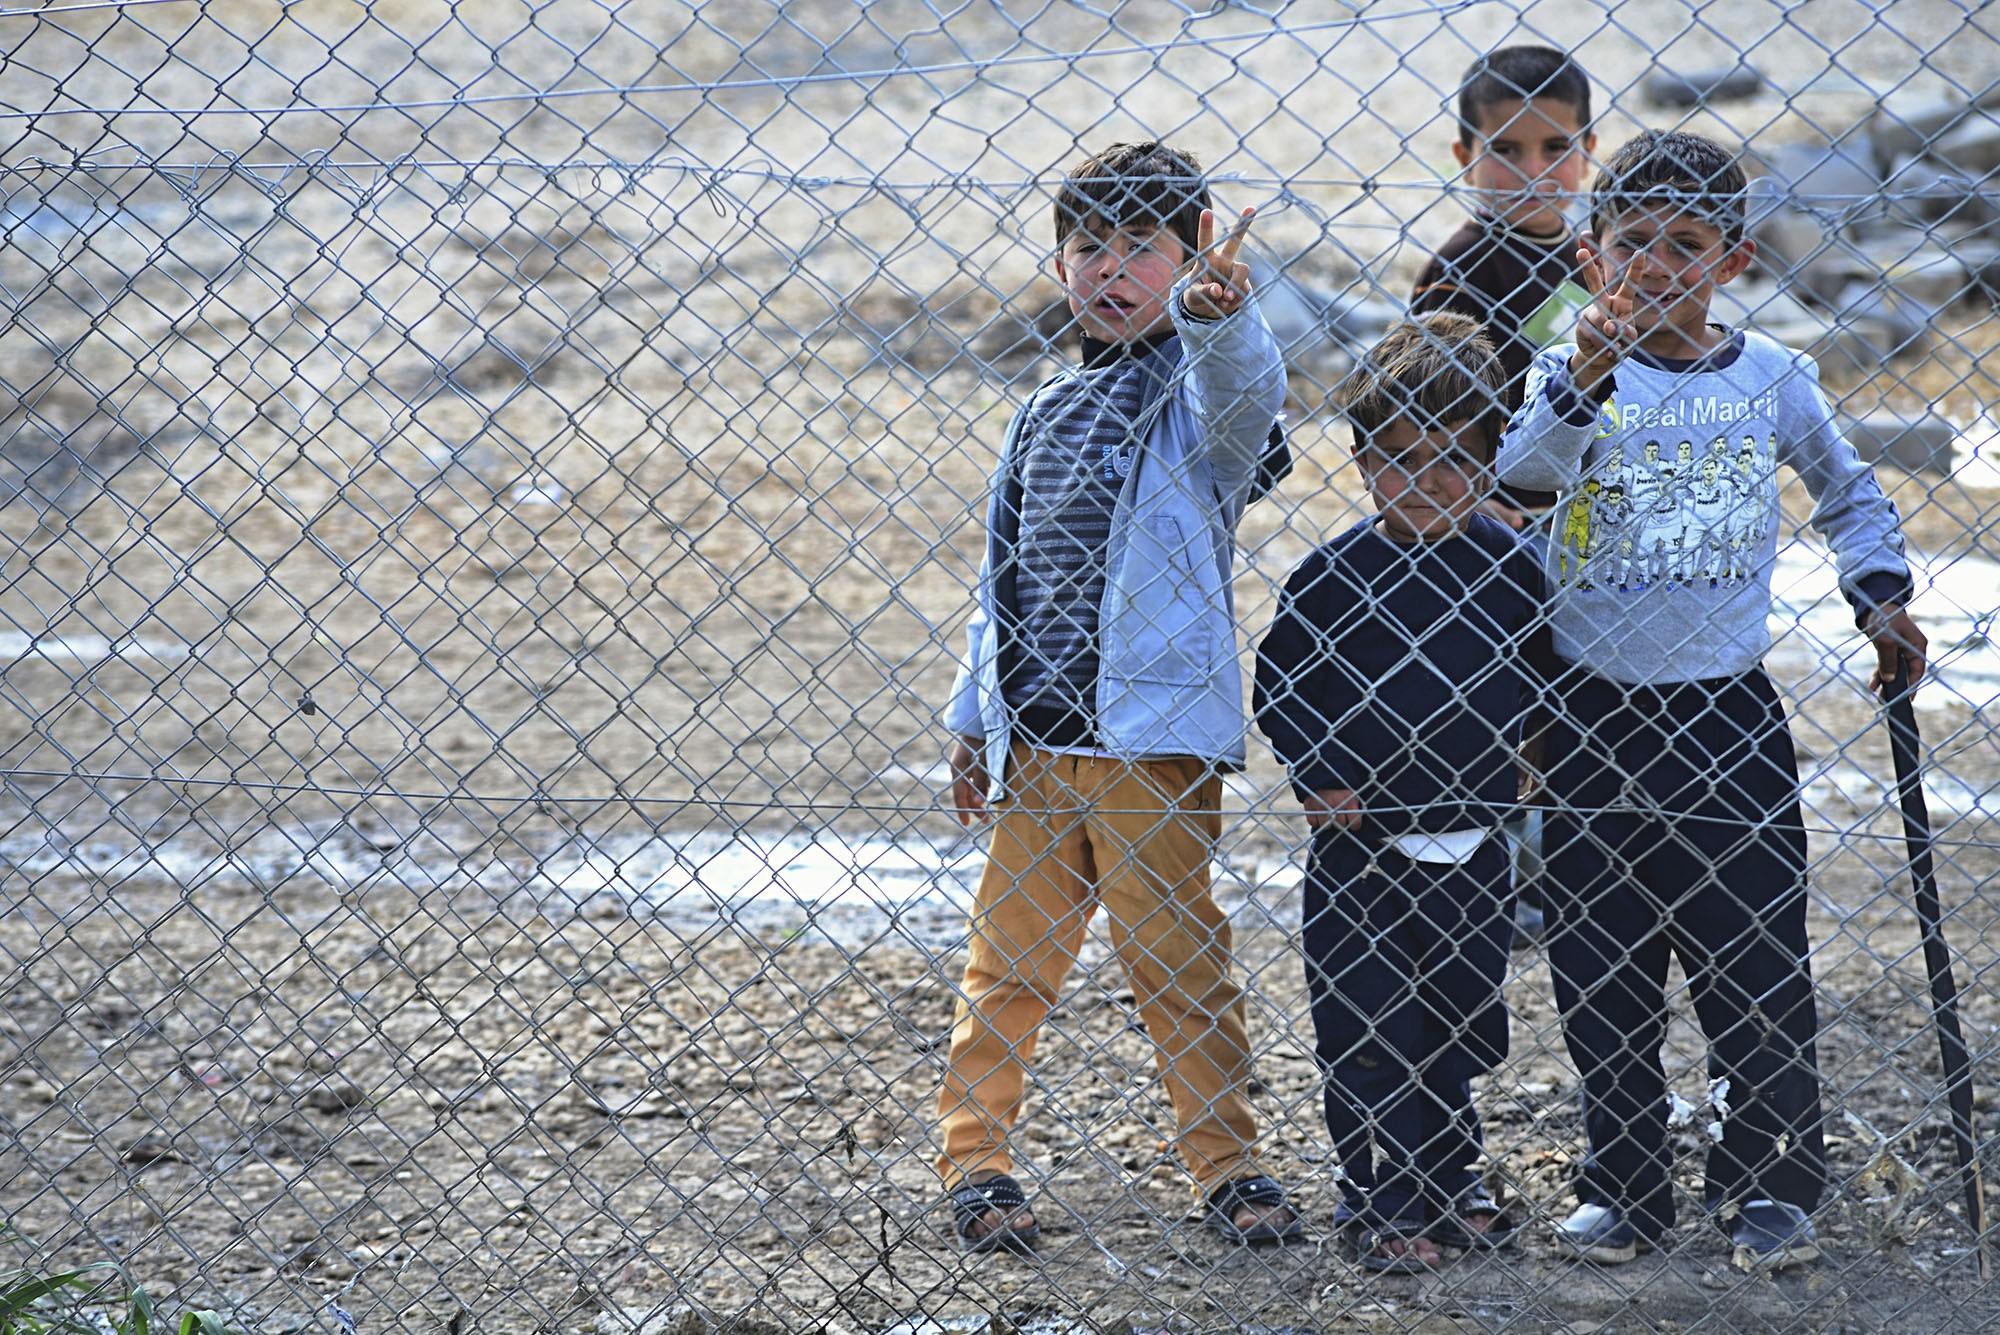 ضرورت توجه به مسئله پناهندگان؛ به مناسبت ۲۰ ژوئن، روز جهانی پناهندگان/ سولماز اسکندری